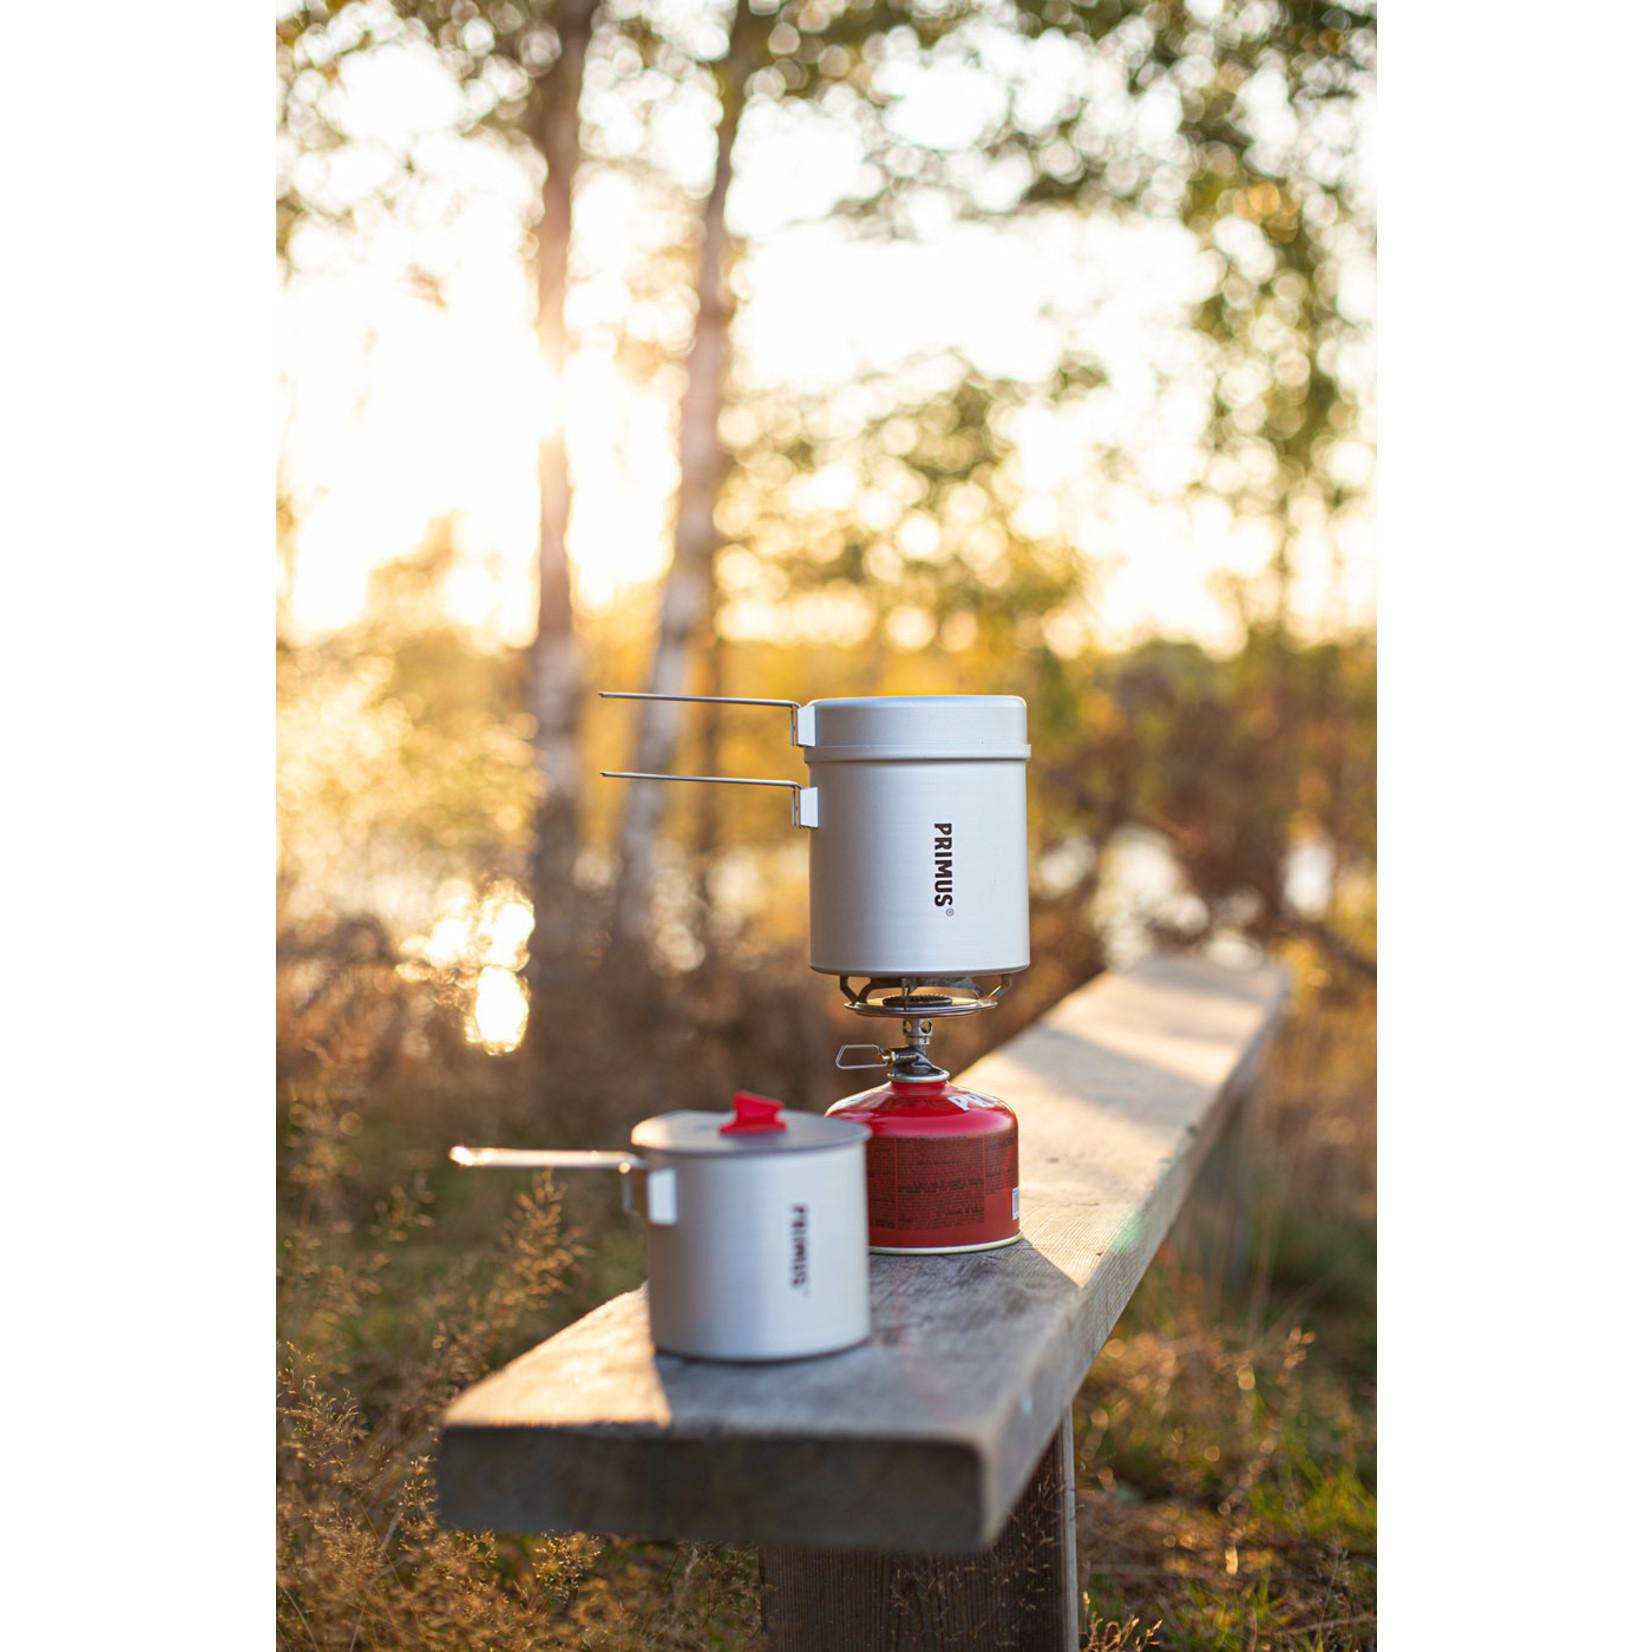 Primus Primus Essential Trail stove, Laminar Flow Burner-technologie